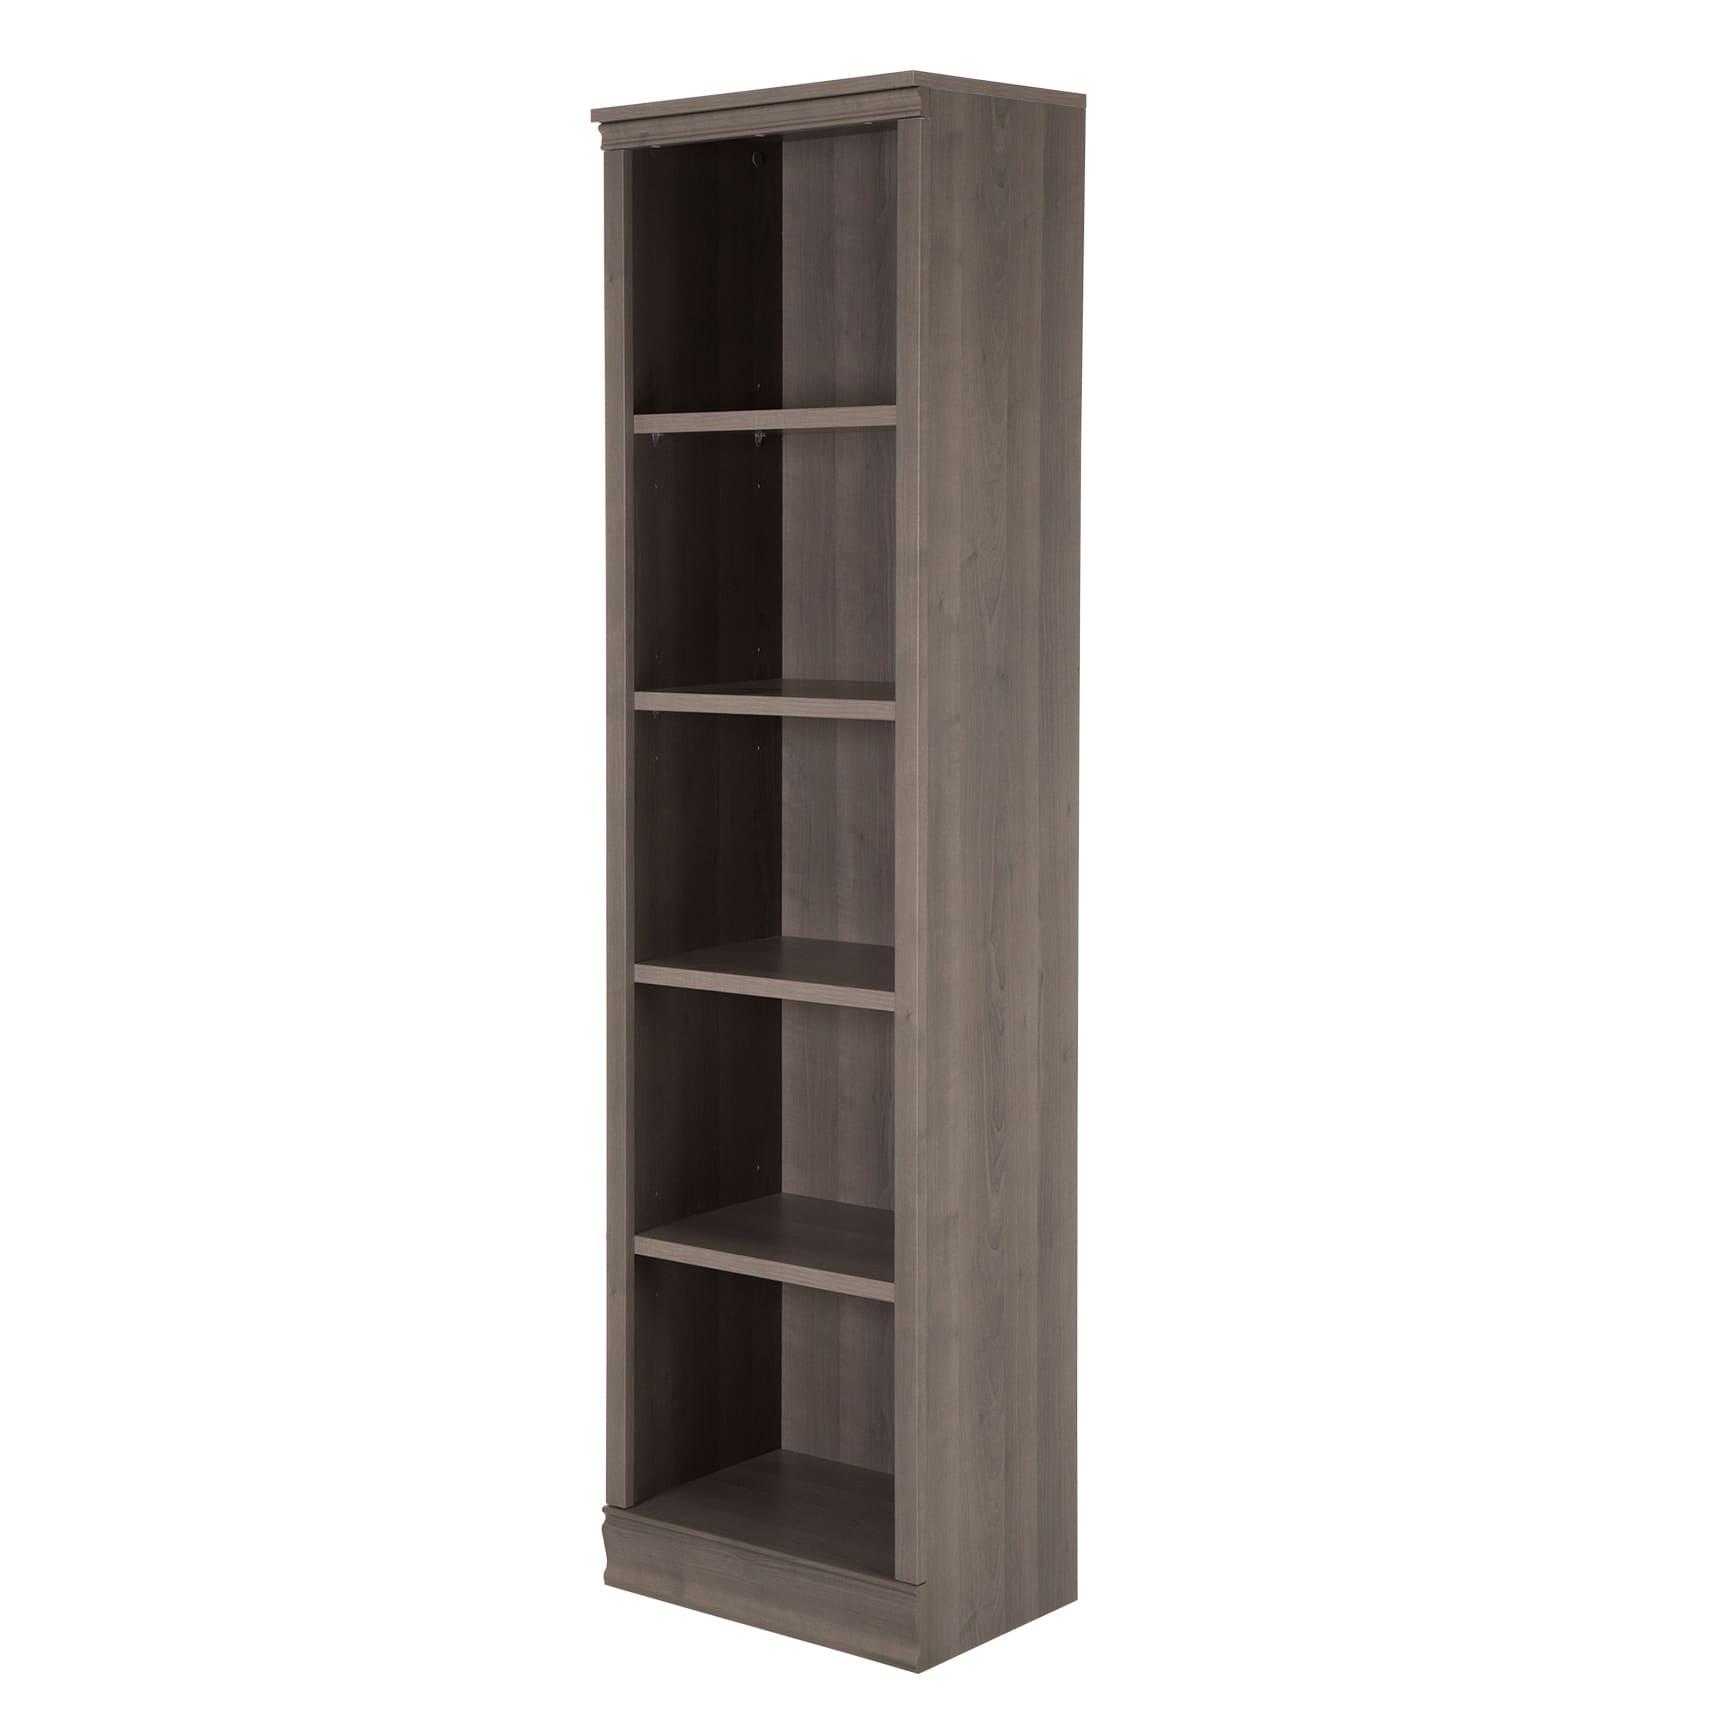 South Shore Morgan 5-Shelf Narrow Bookcase, Gray Maple